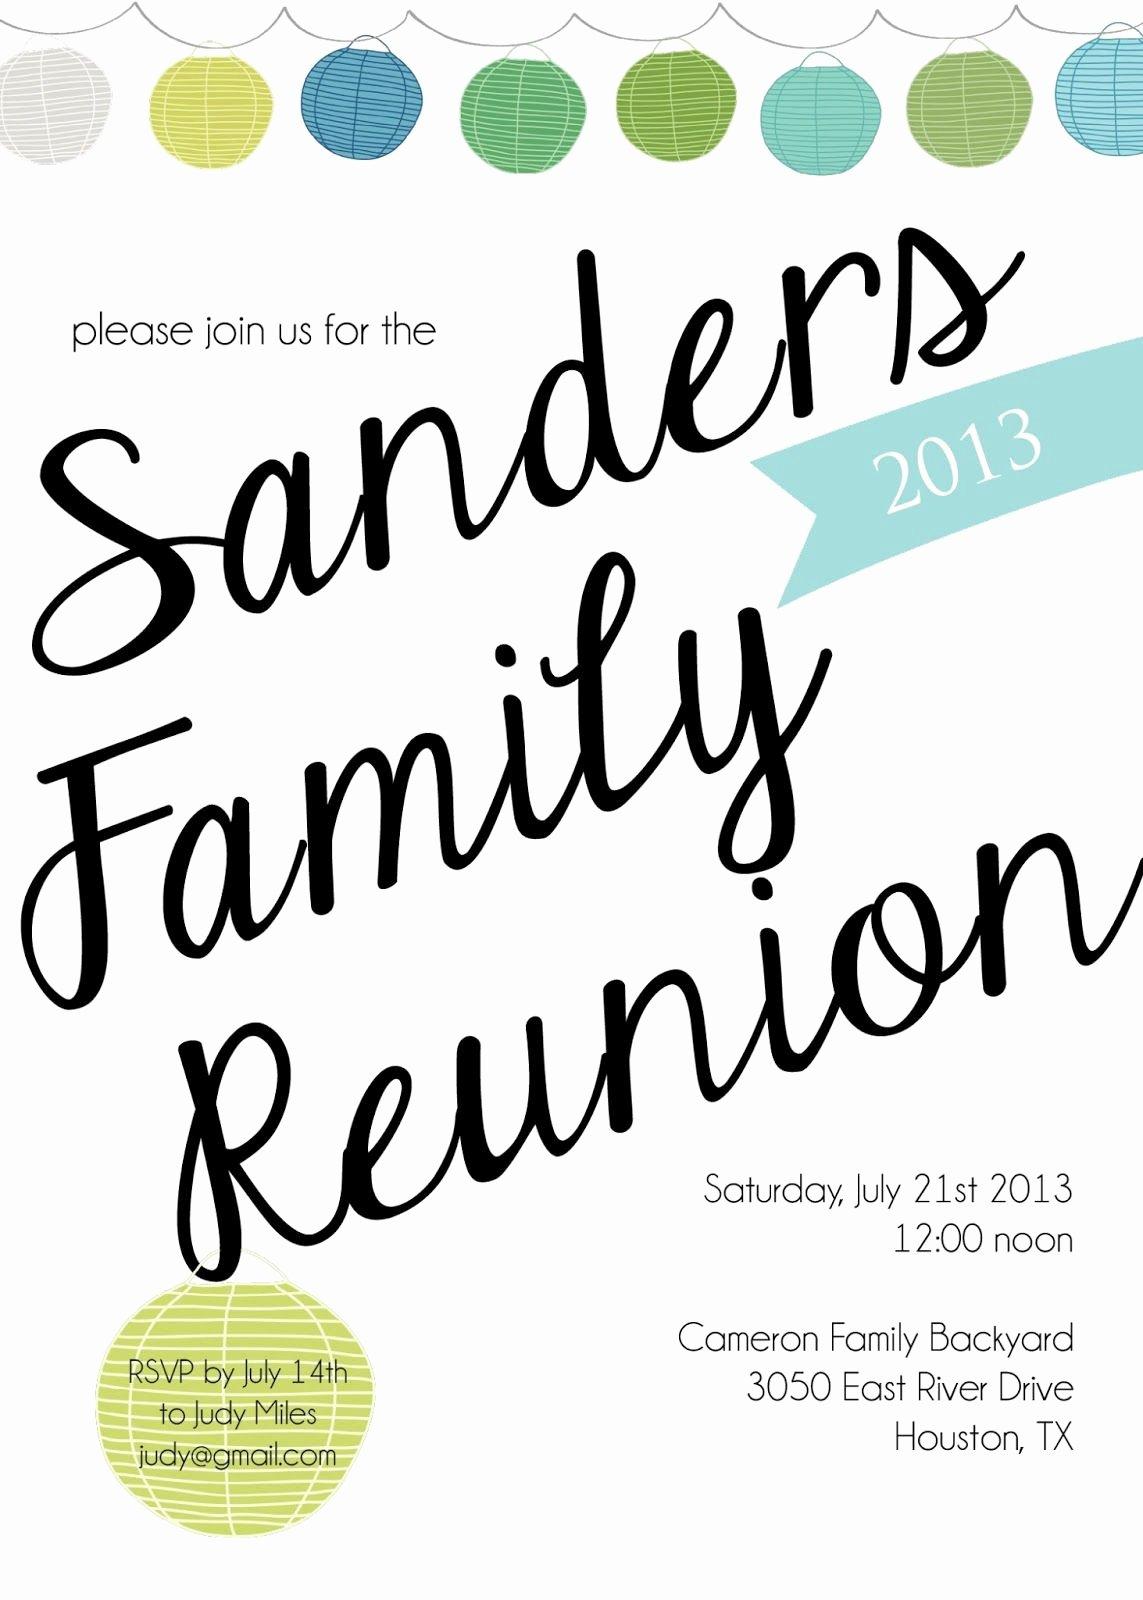 Family Reunion Invitations Templates Unique Sugarhouse Ink Family Reunion Invitations